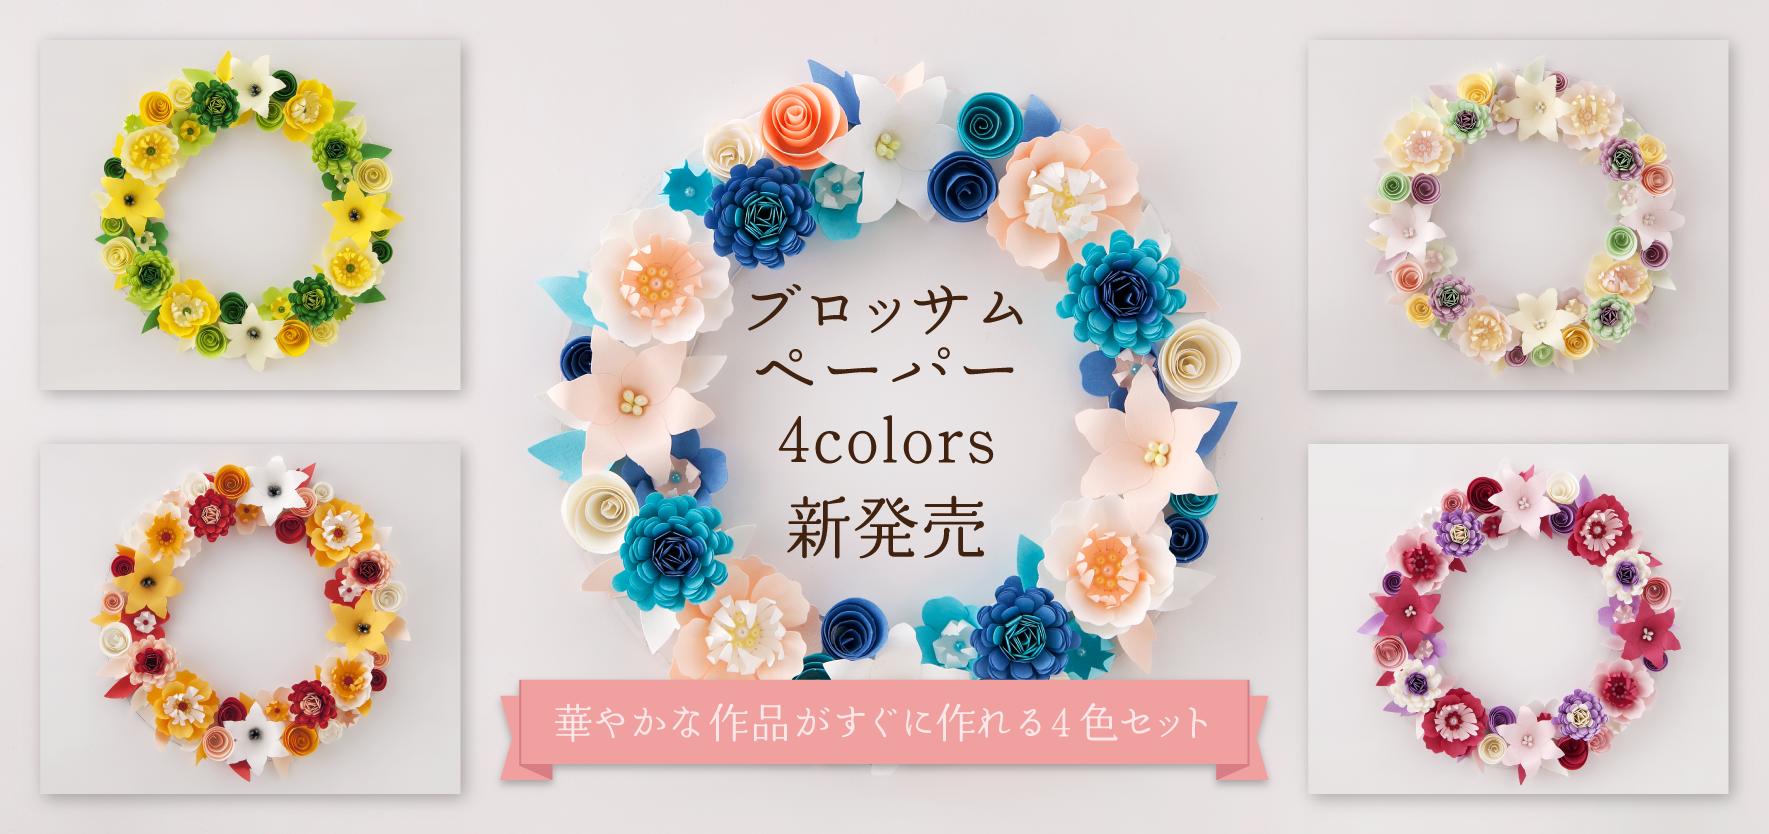 ブロッサムペーパー4colors新発売